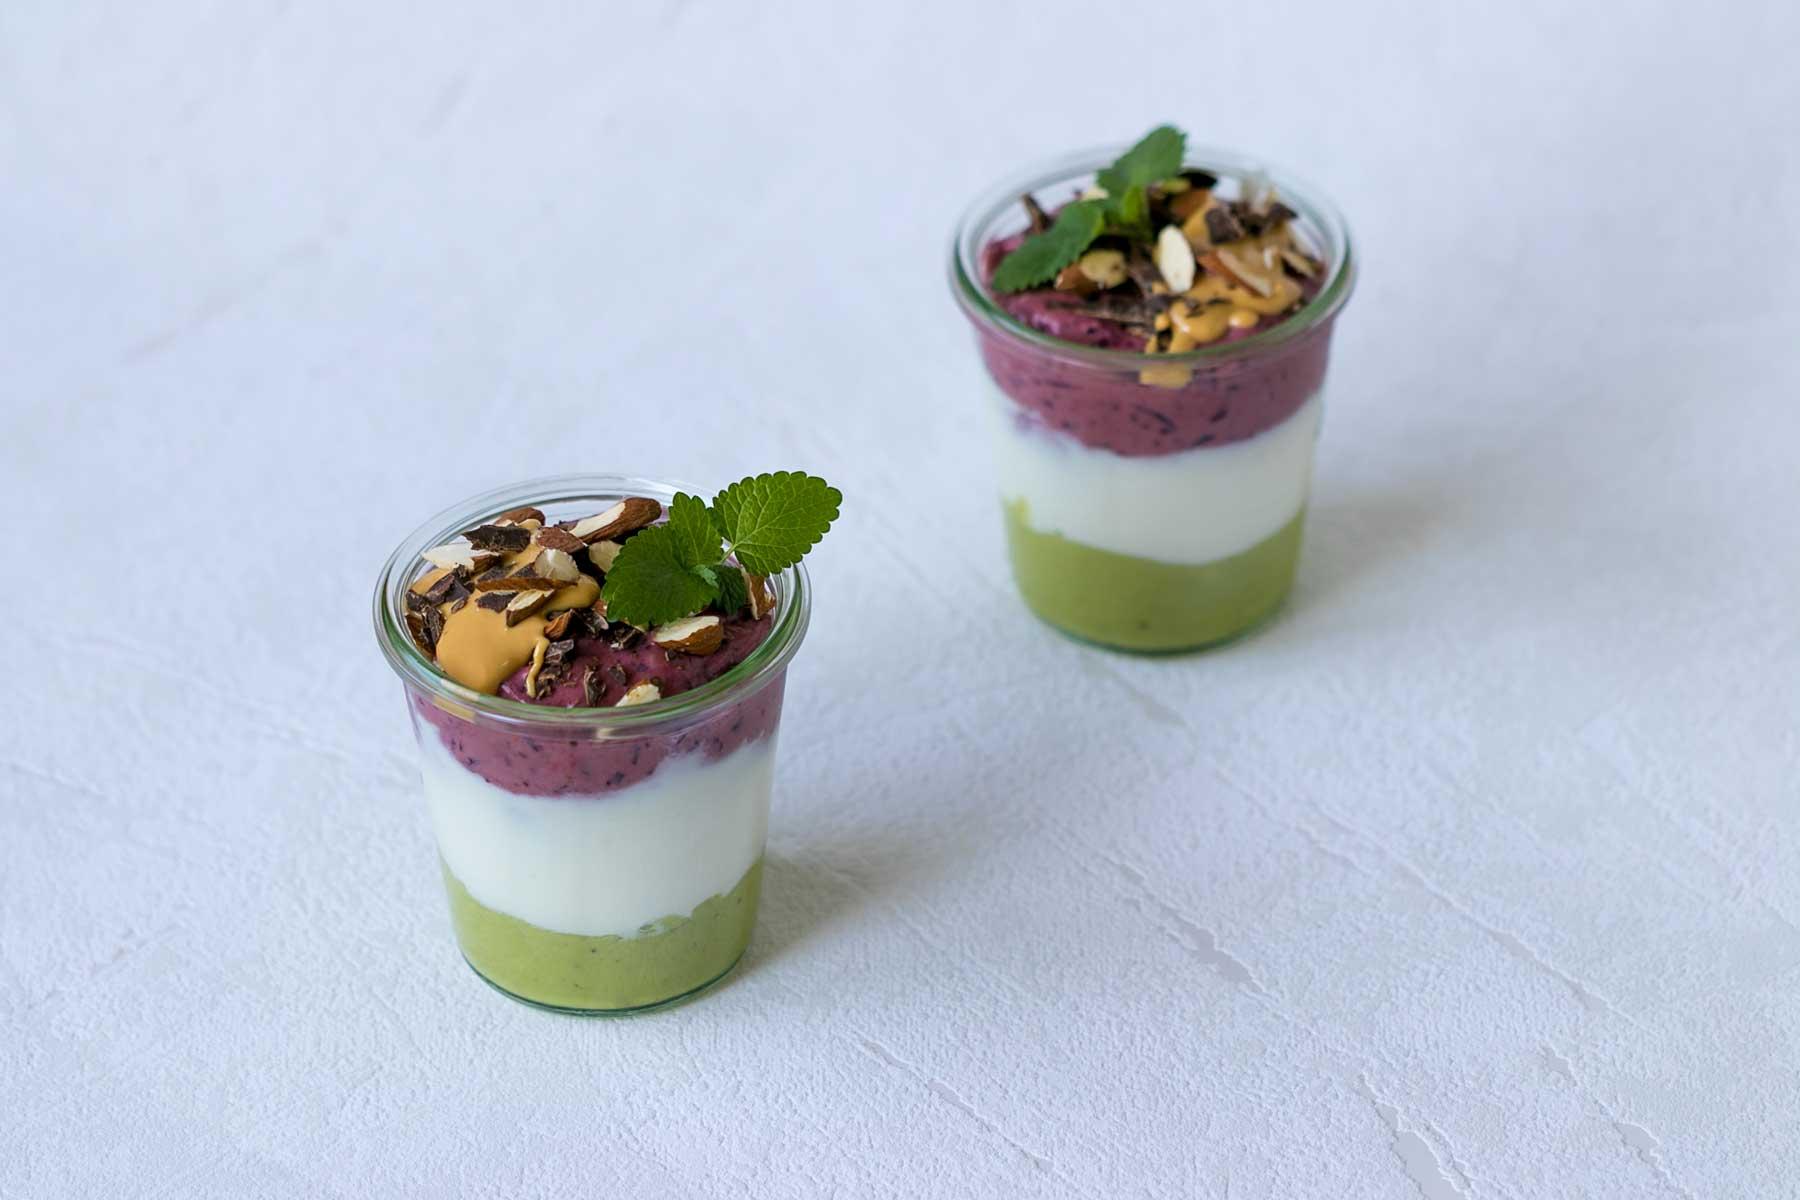 Vrstveny studeny dezert z avokada a bobuloveho ovocia a jogurtu-parfait